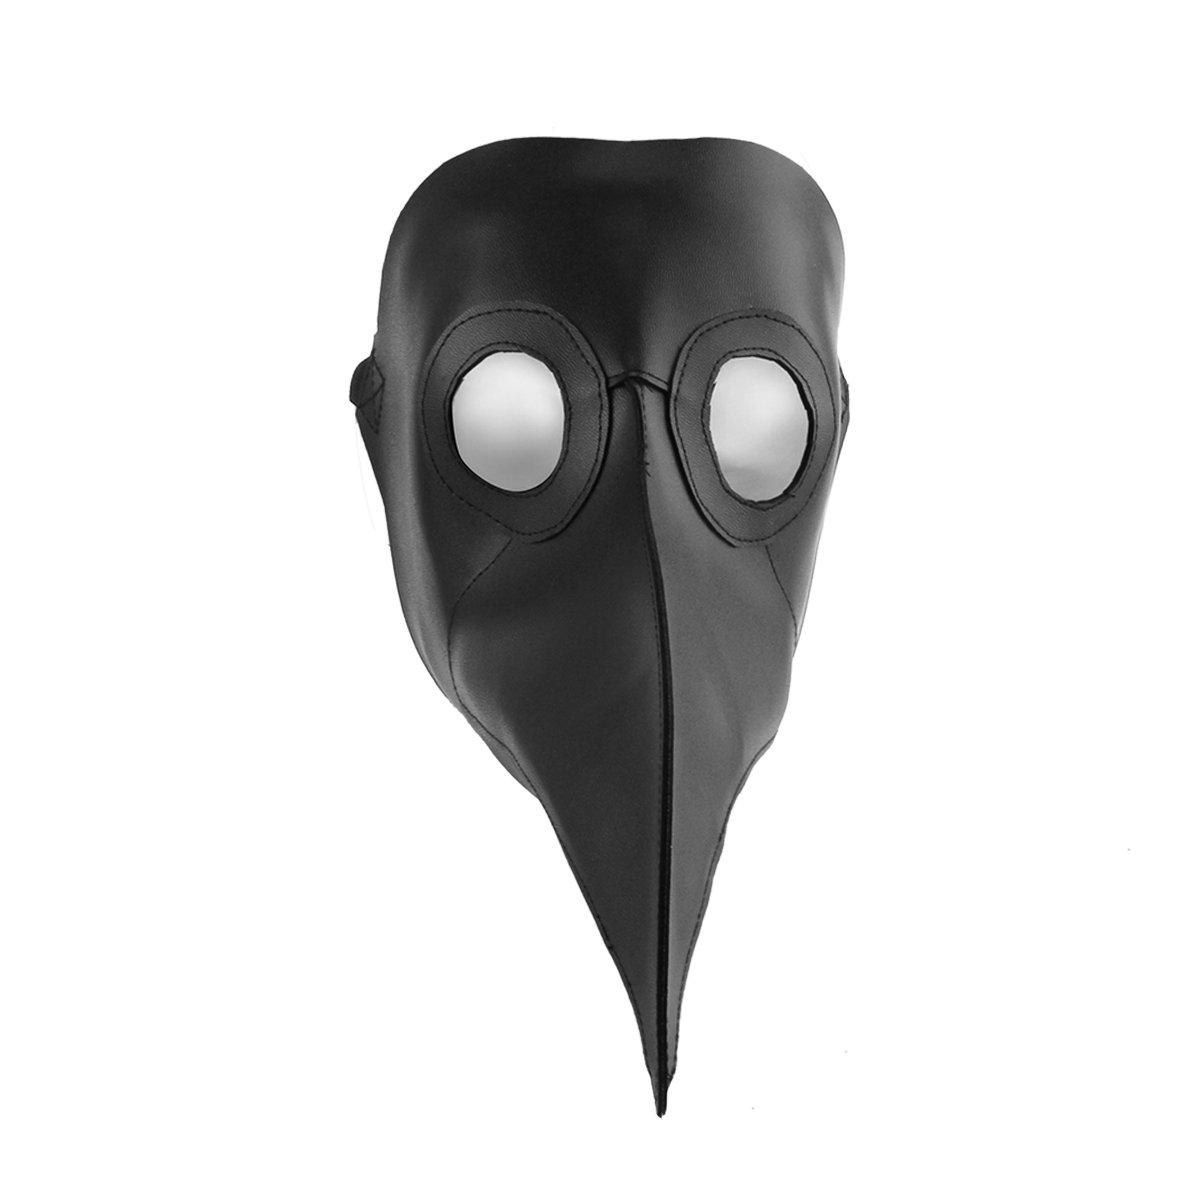 Marrone Cusfull Maschera Becco Maschera Halloween Steampunk Costume dottore maschera di cuoio elaborazione maschera intera Masquerade Mask